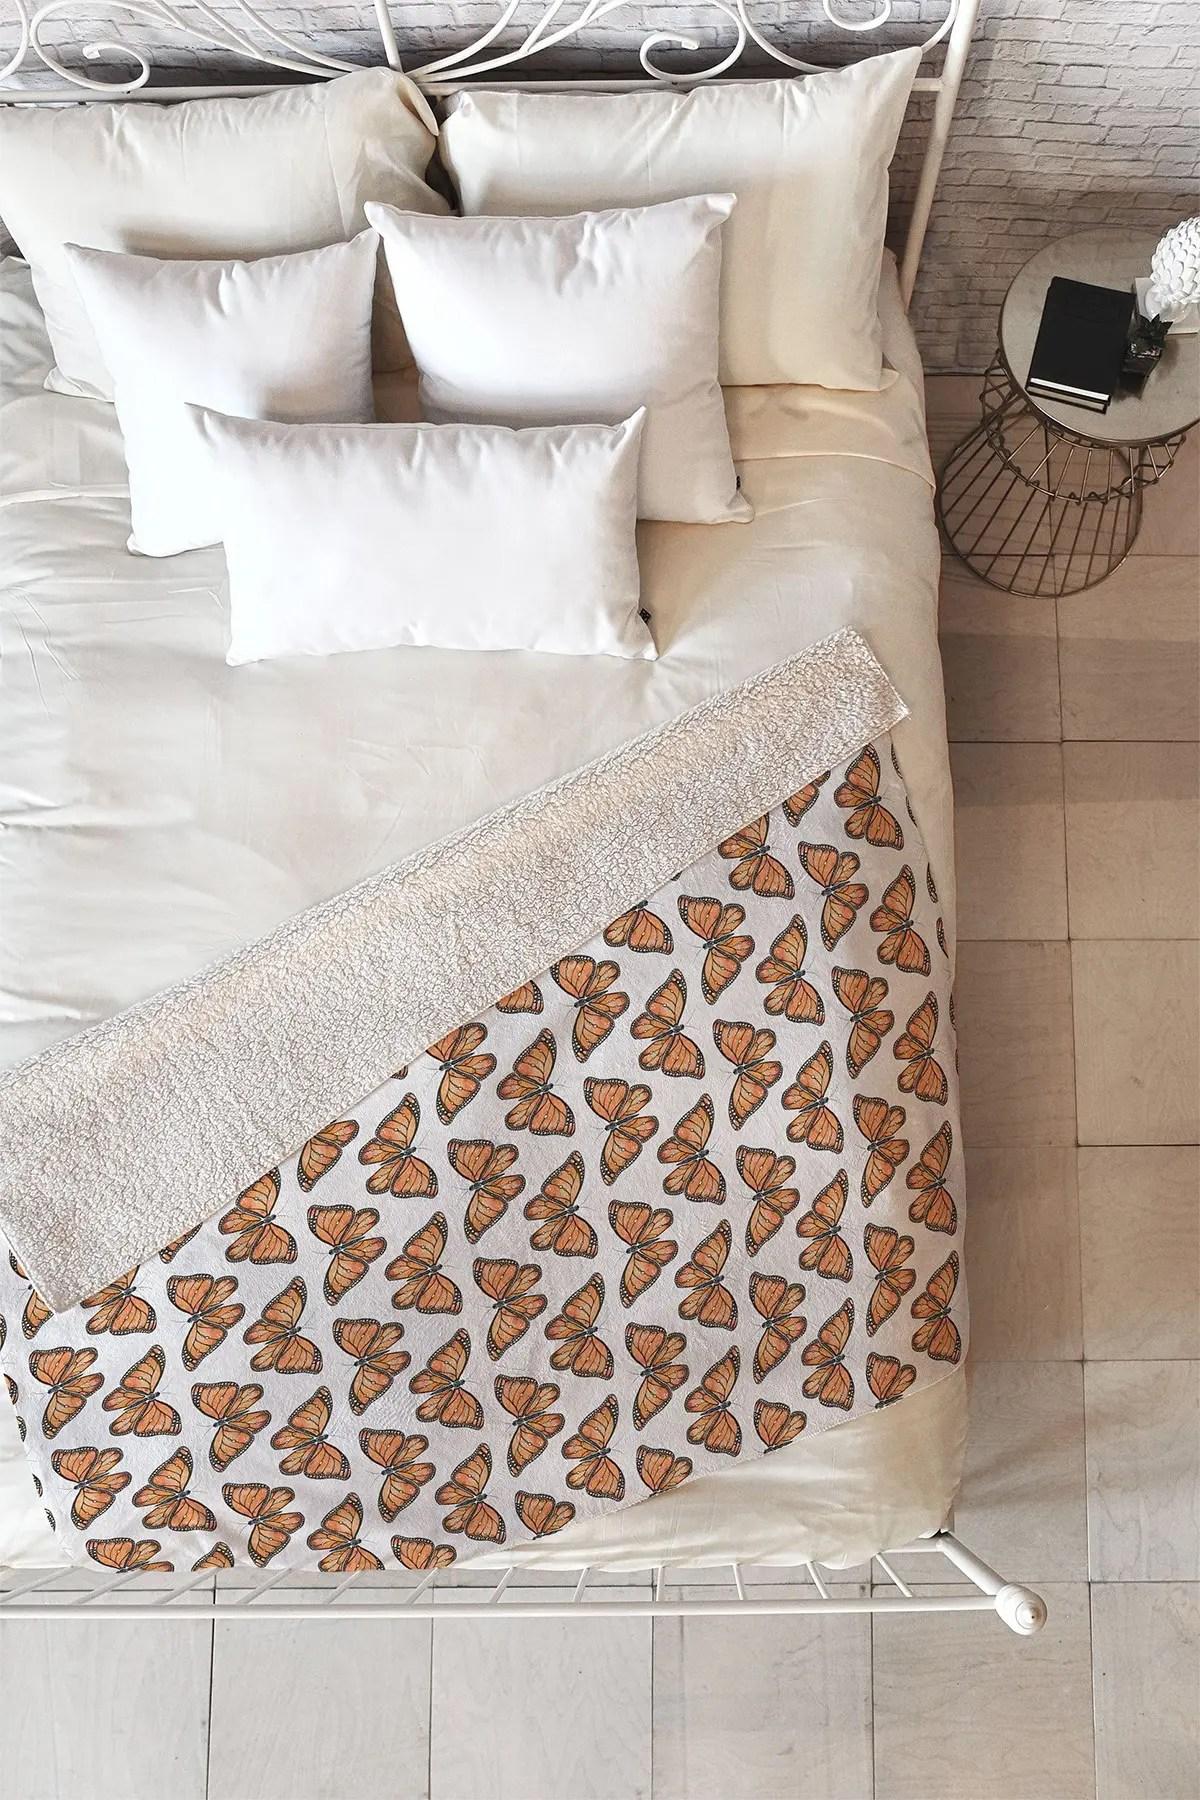 deny designs avenie monarch butterfly orange faux shearling fleece throw blanket nordstrom rack